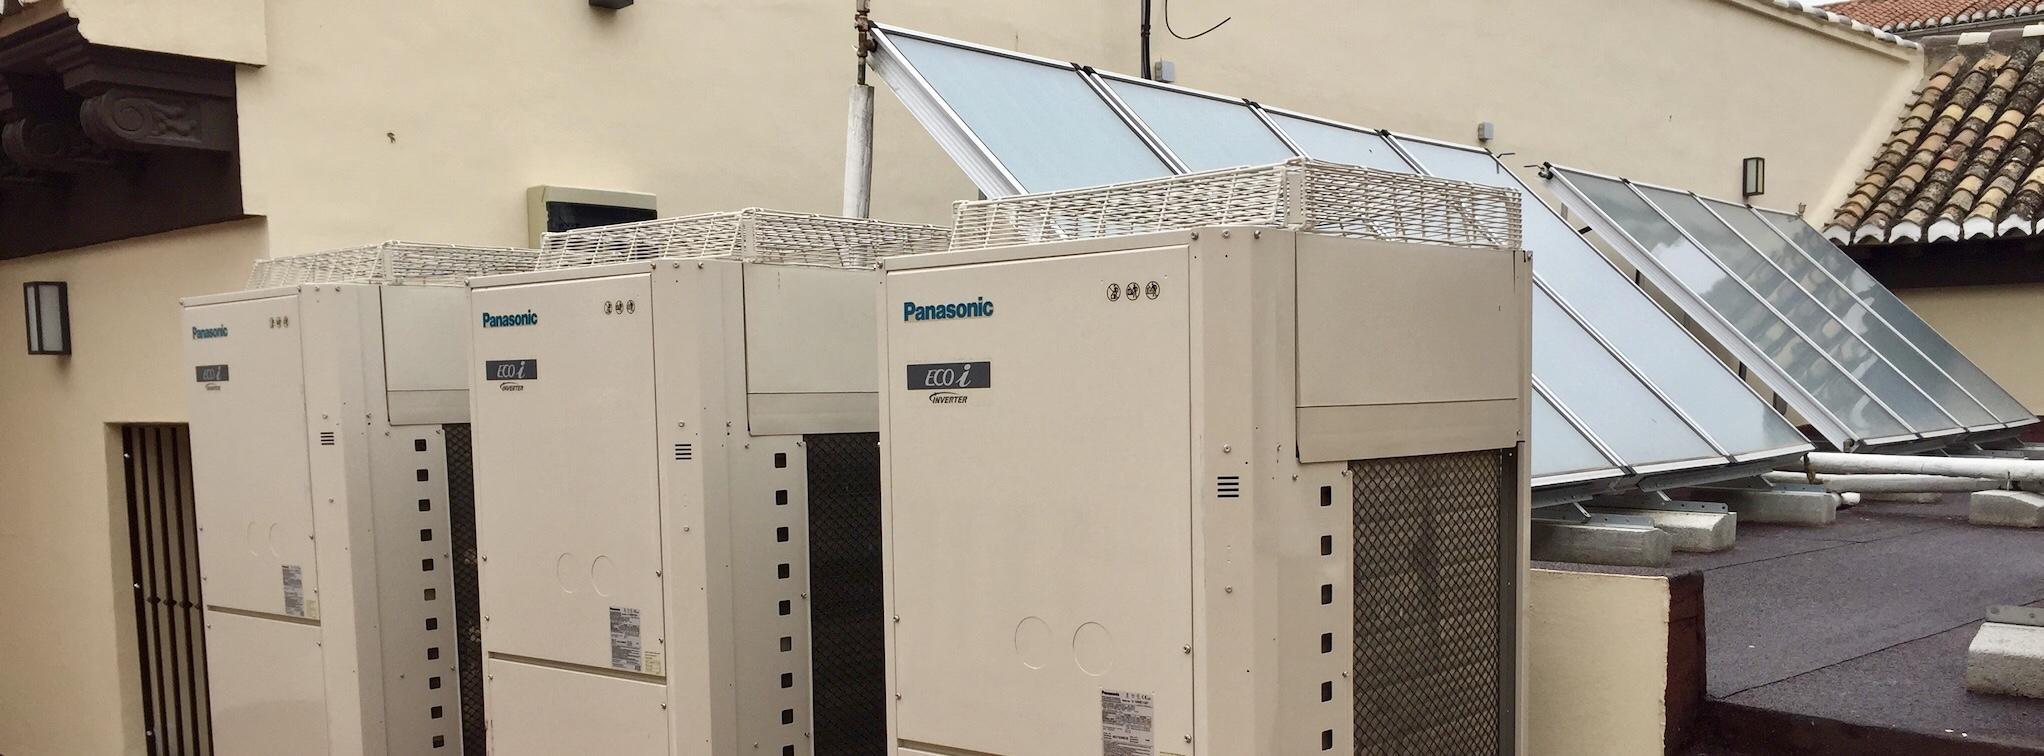 mantenimiento de instalaciones de aire acondicionado en sevilla y energia solar